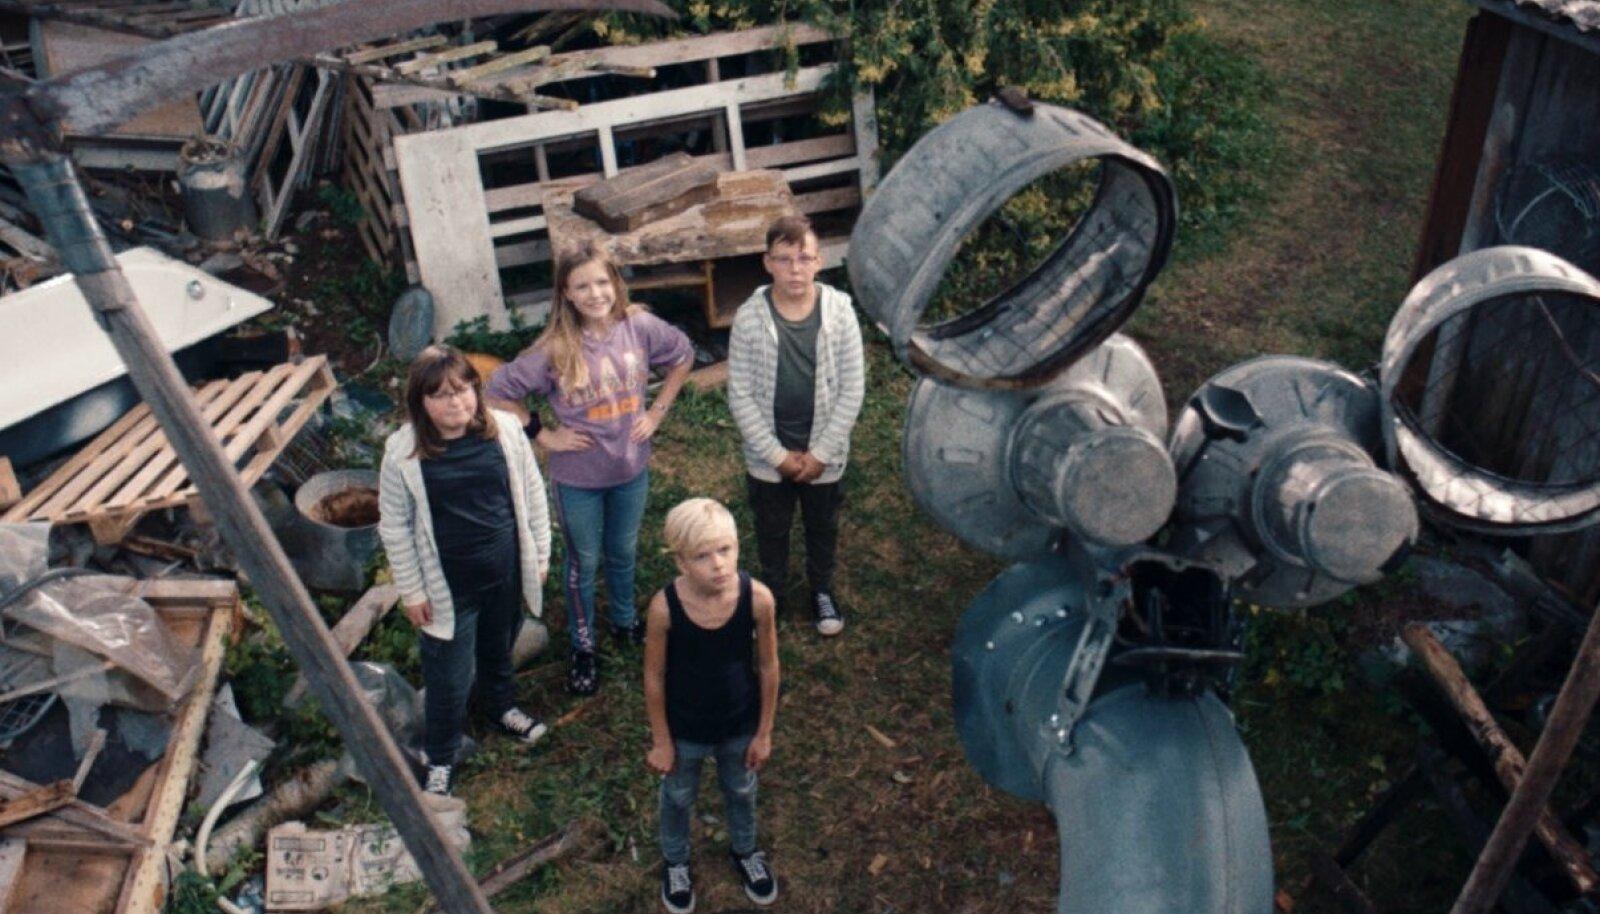 Lapsed – ees seisab Harri Merivoo, taga Elise Tekko, Nora Merivoo ja Roland Treima – on krati valmis saanud.